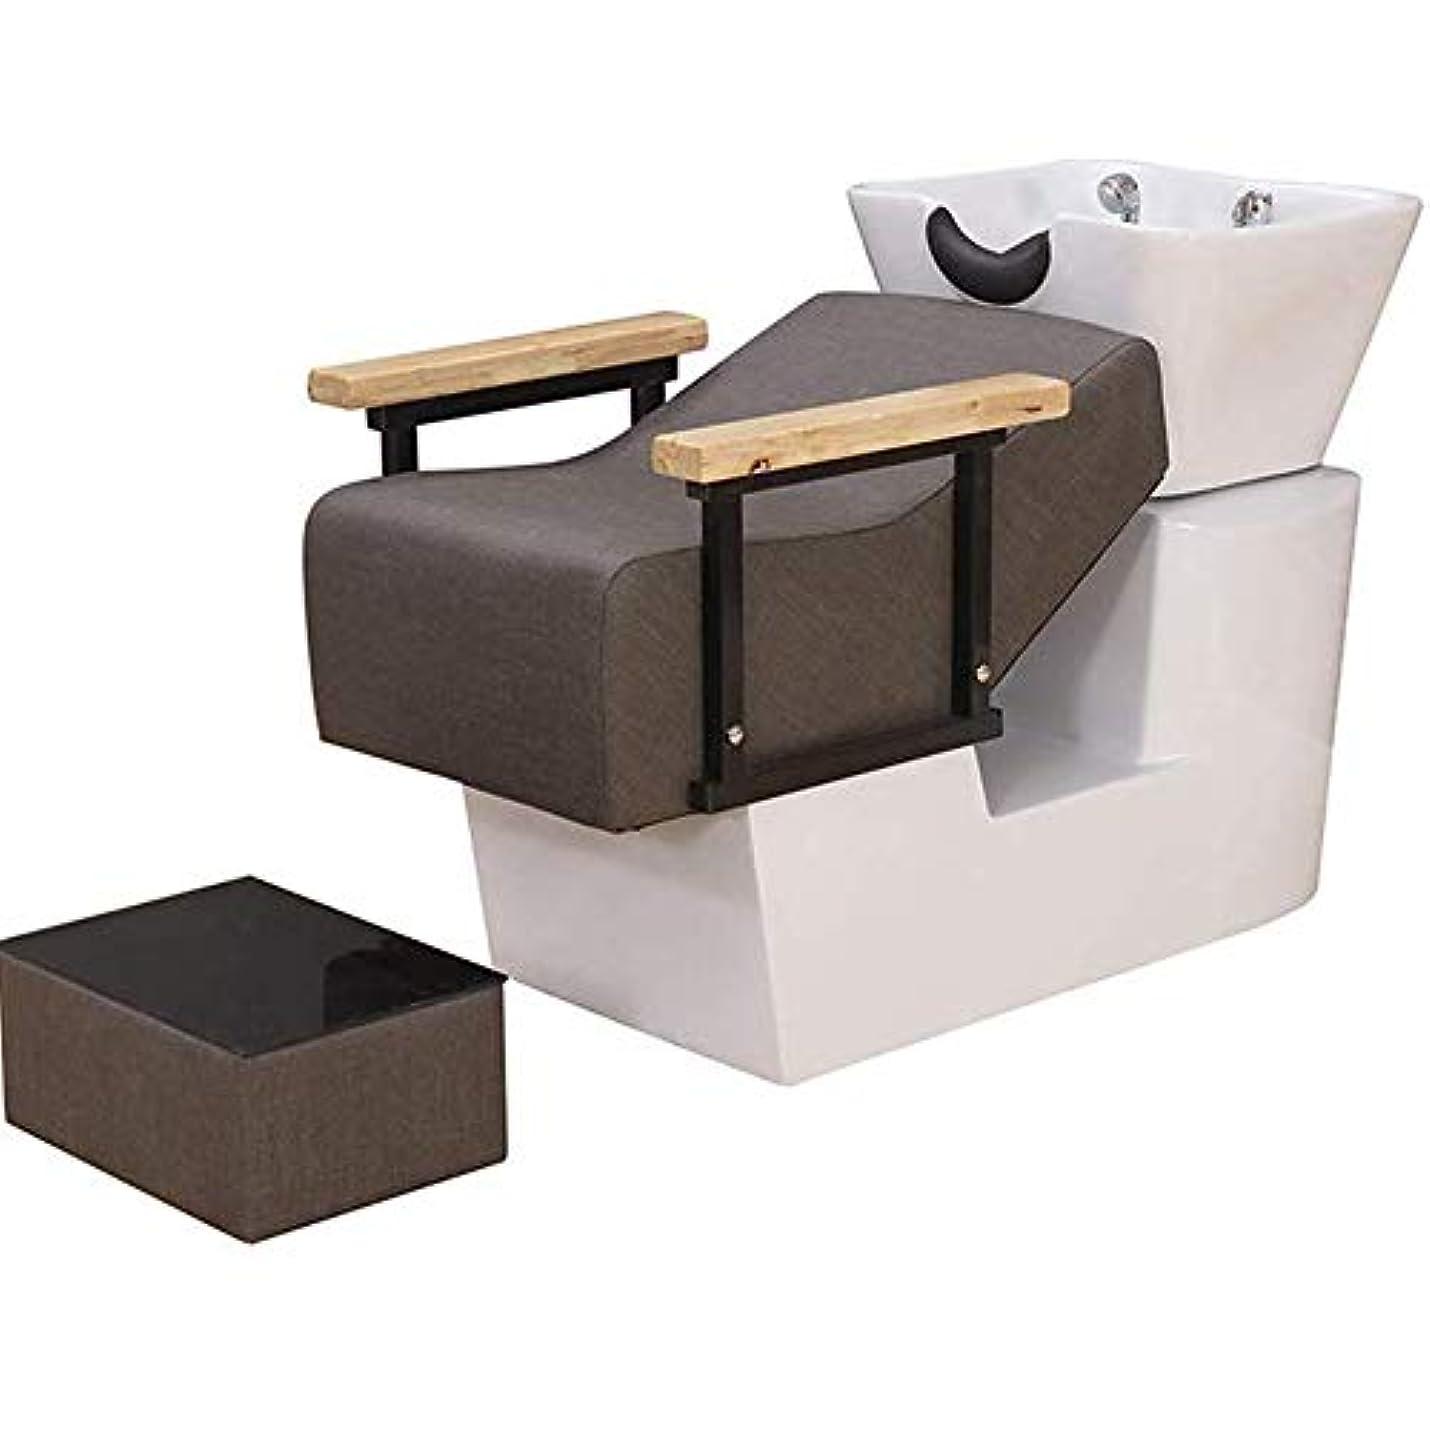 アフリカ宅配便地域サロン用シャンプーチェアとボウル、スパ美容サロン機器セミ陥凹フラッシュベッドのためのヨーロッパスタイルの逆洗ユニットシャンプーボウル理髪シンクチェア